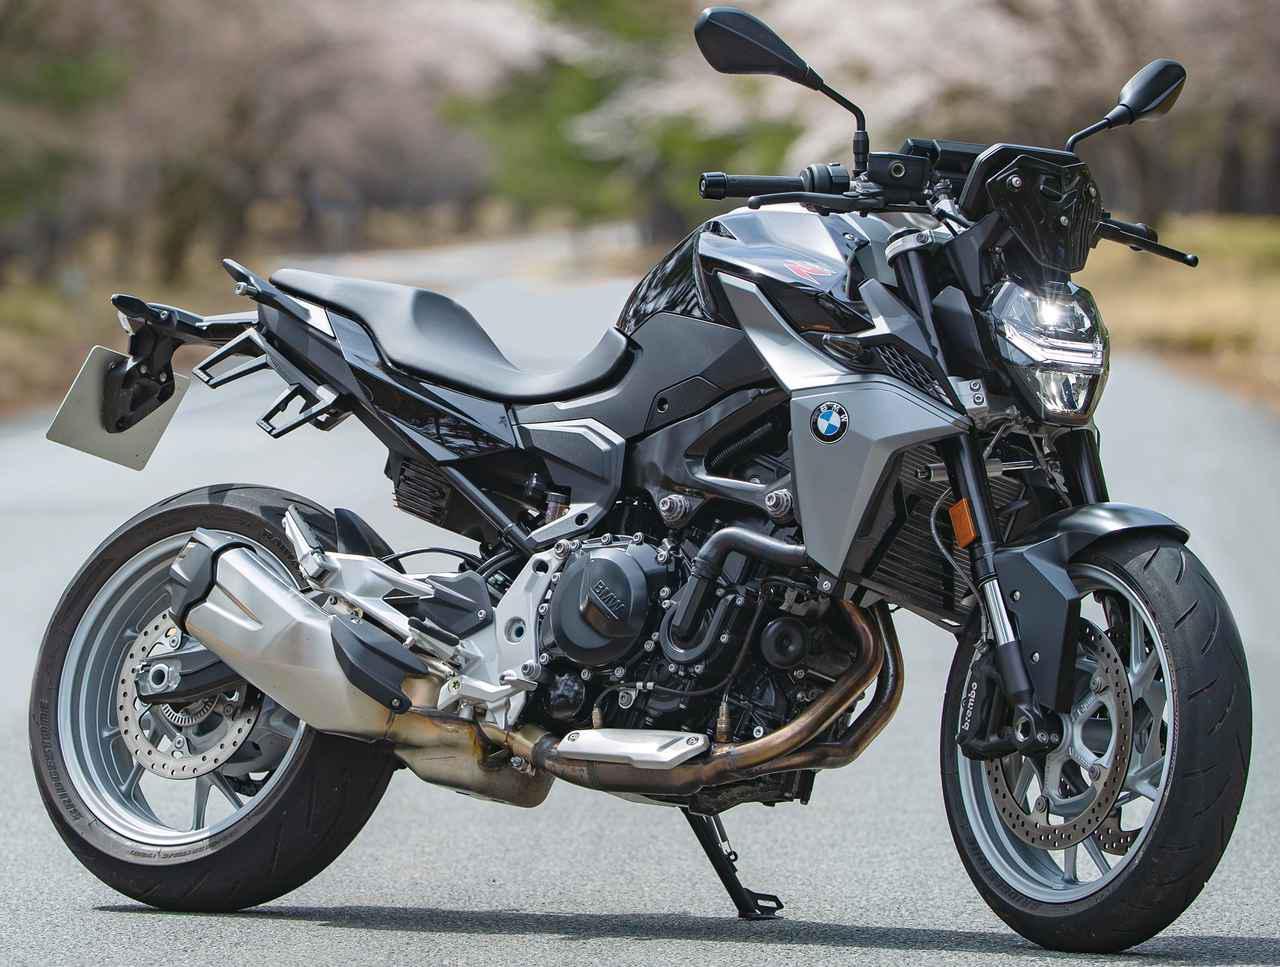 画像: BMW F900R 総排気量:894cc 最高出力:105PS/8750rpm 最大トルク:9.38㎏-m/6500rpm 税込価格:105万7000円(ベース)〜133万3000円(プレミアム・ライン)